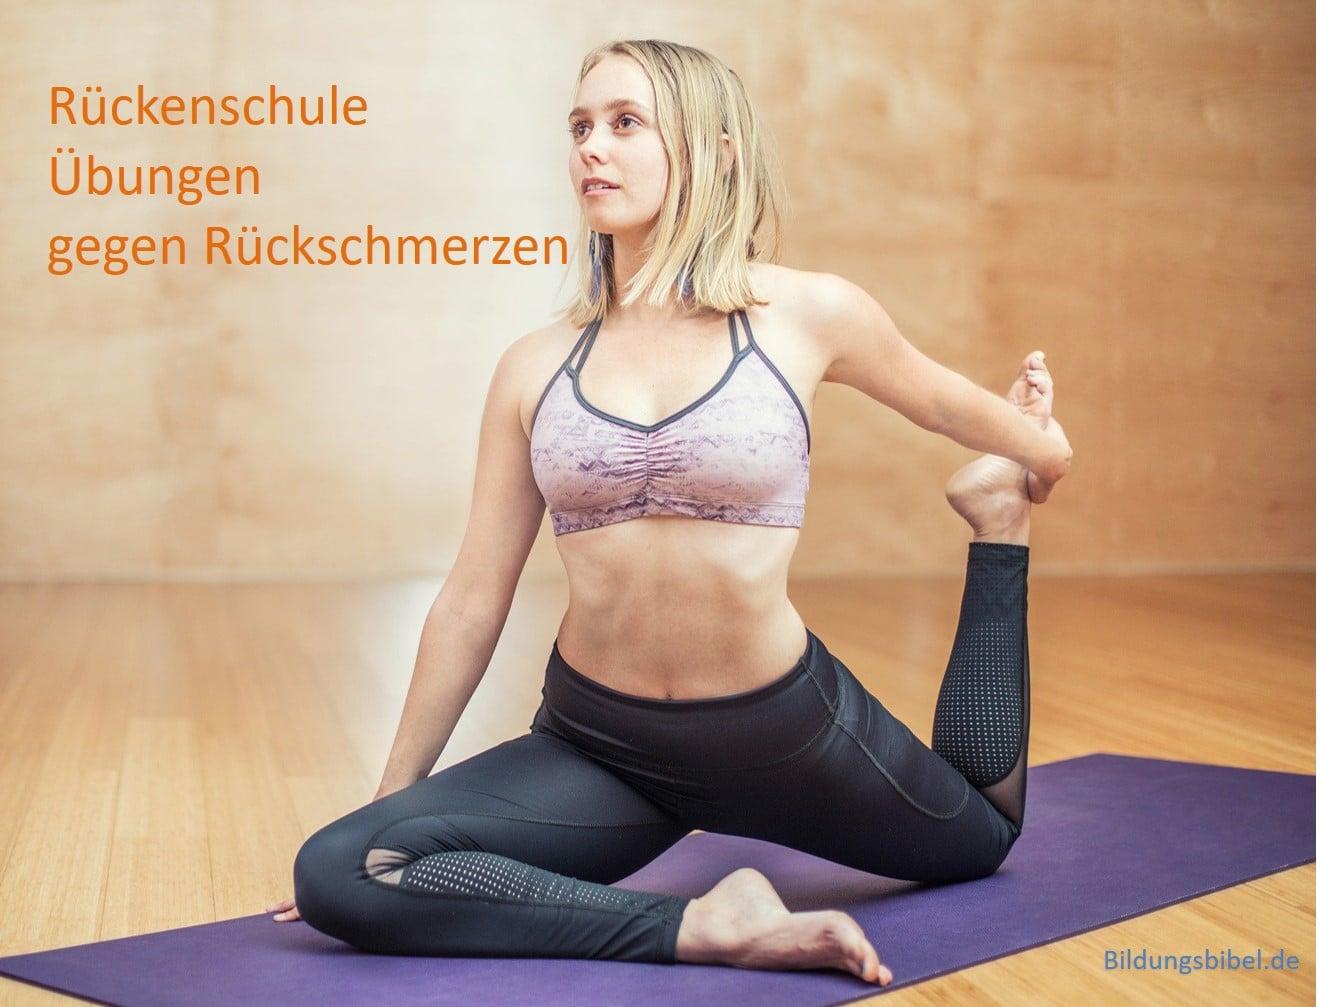 Rückenschule Übungen, Rückenschmerzen, Vorbereitung, Beispiele Crunch, Kniebeugen, Vierfüßlerstand und Marschieren